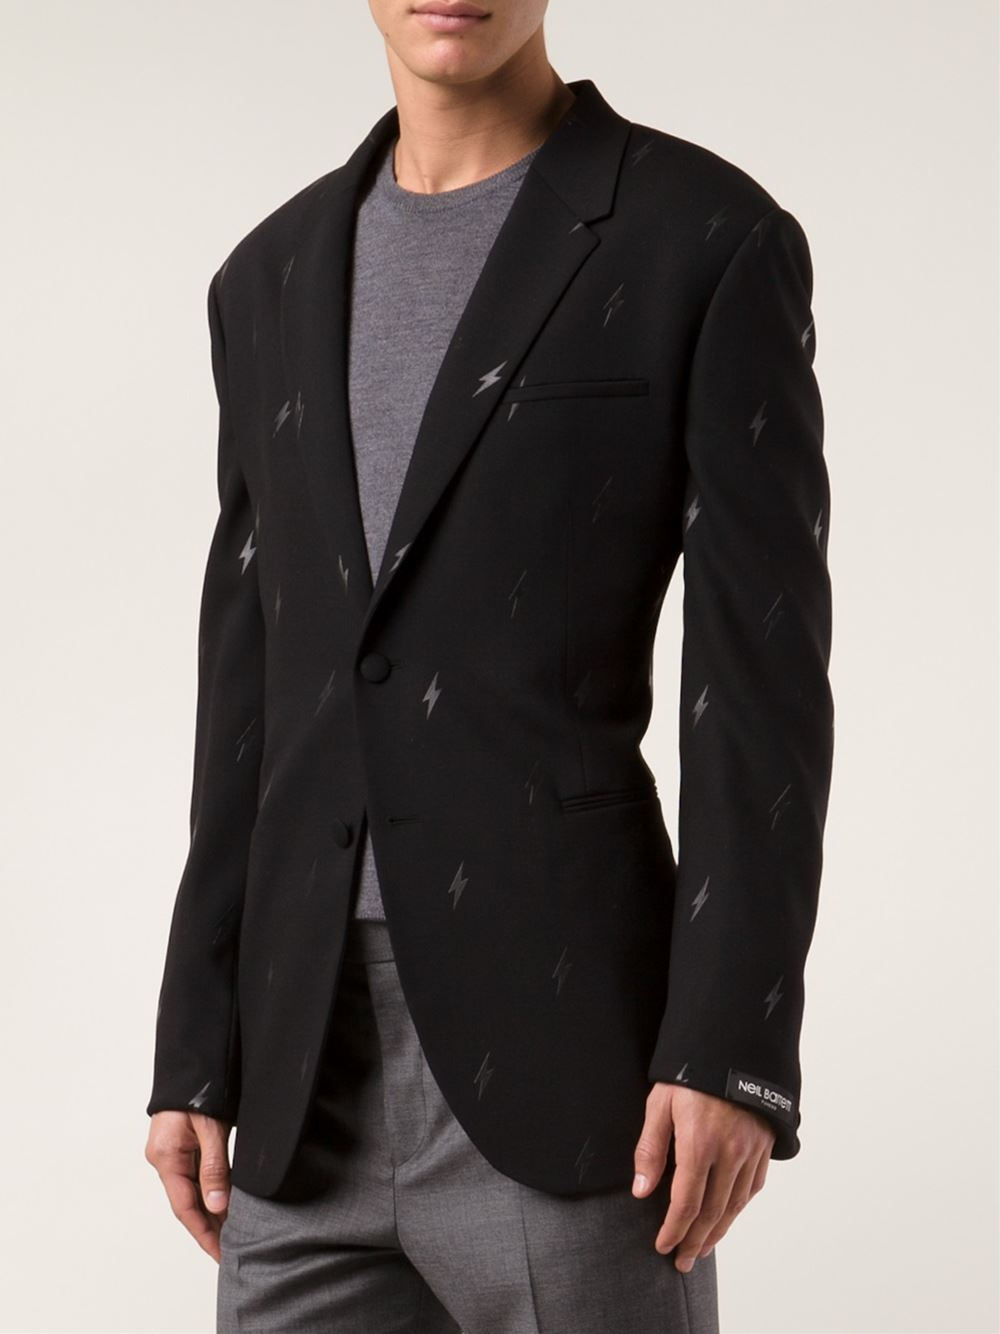 Lighting Jacket: Neil Barrett Lightning Bolt Jacket In Black For Men